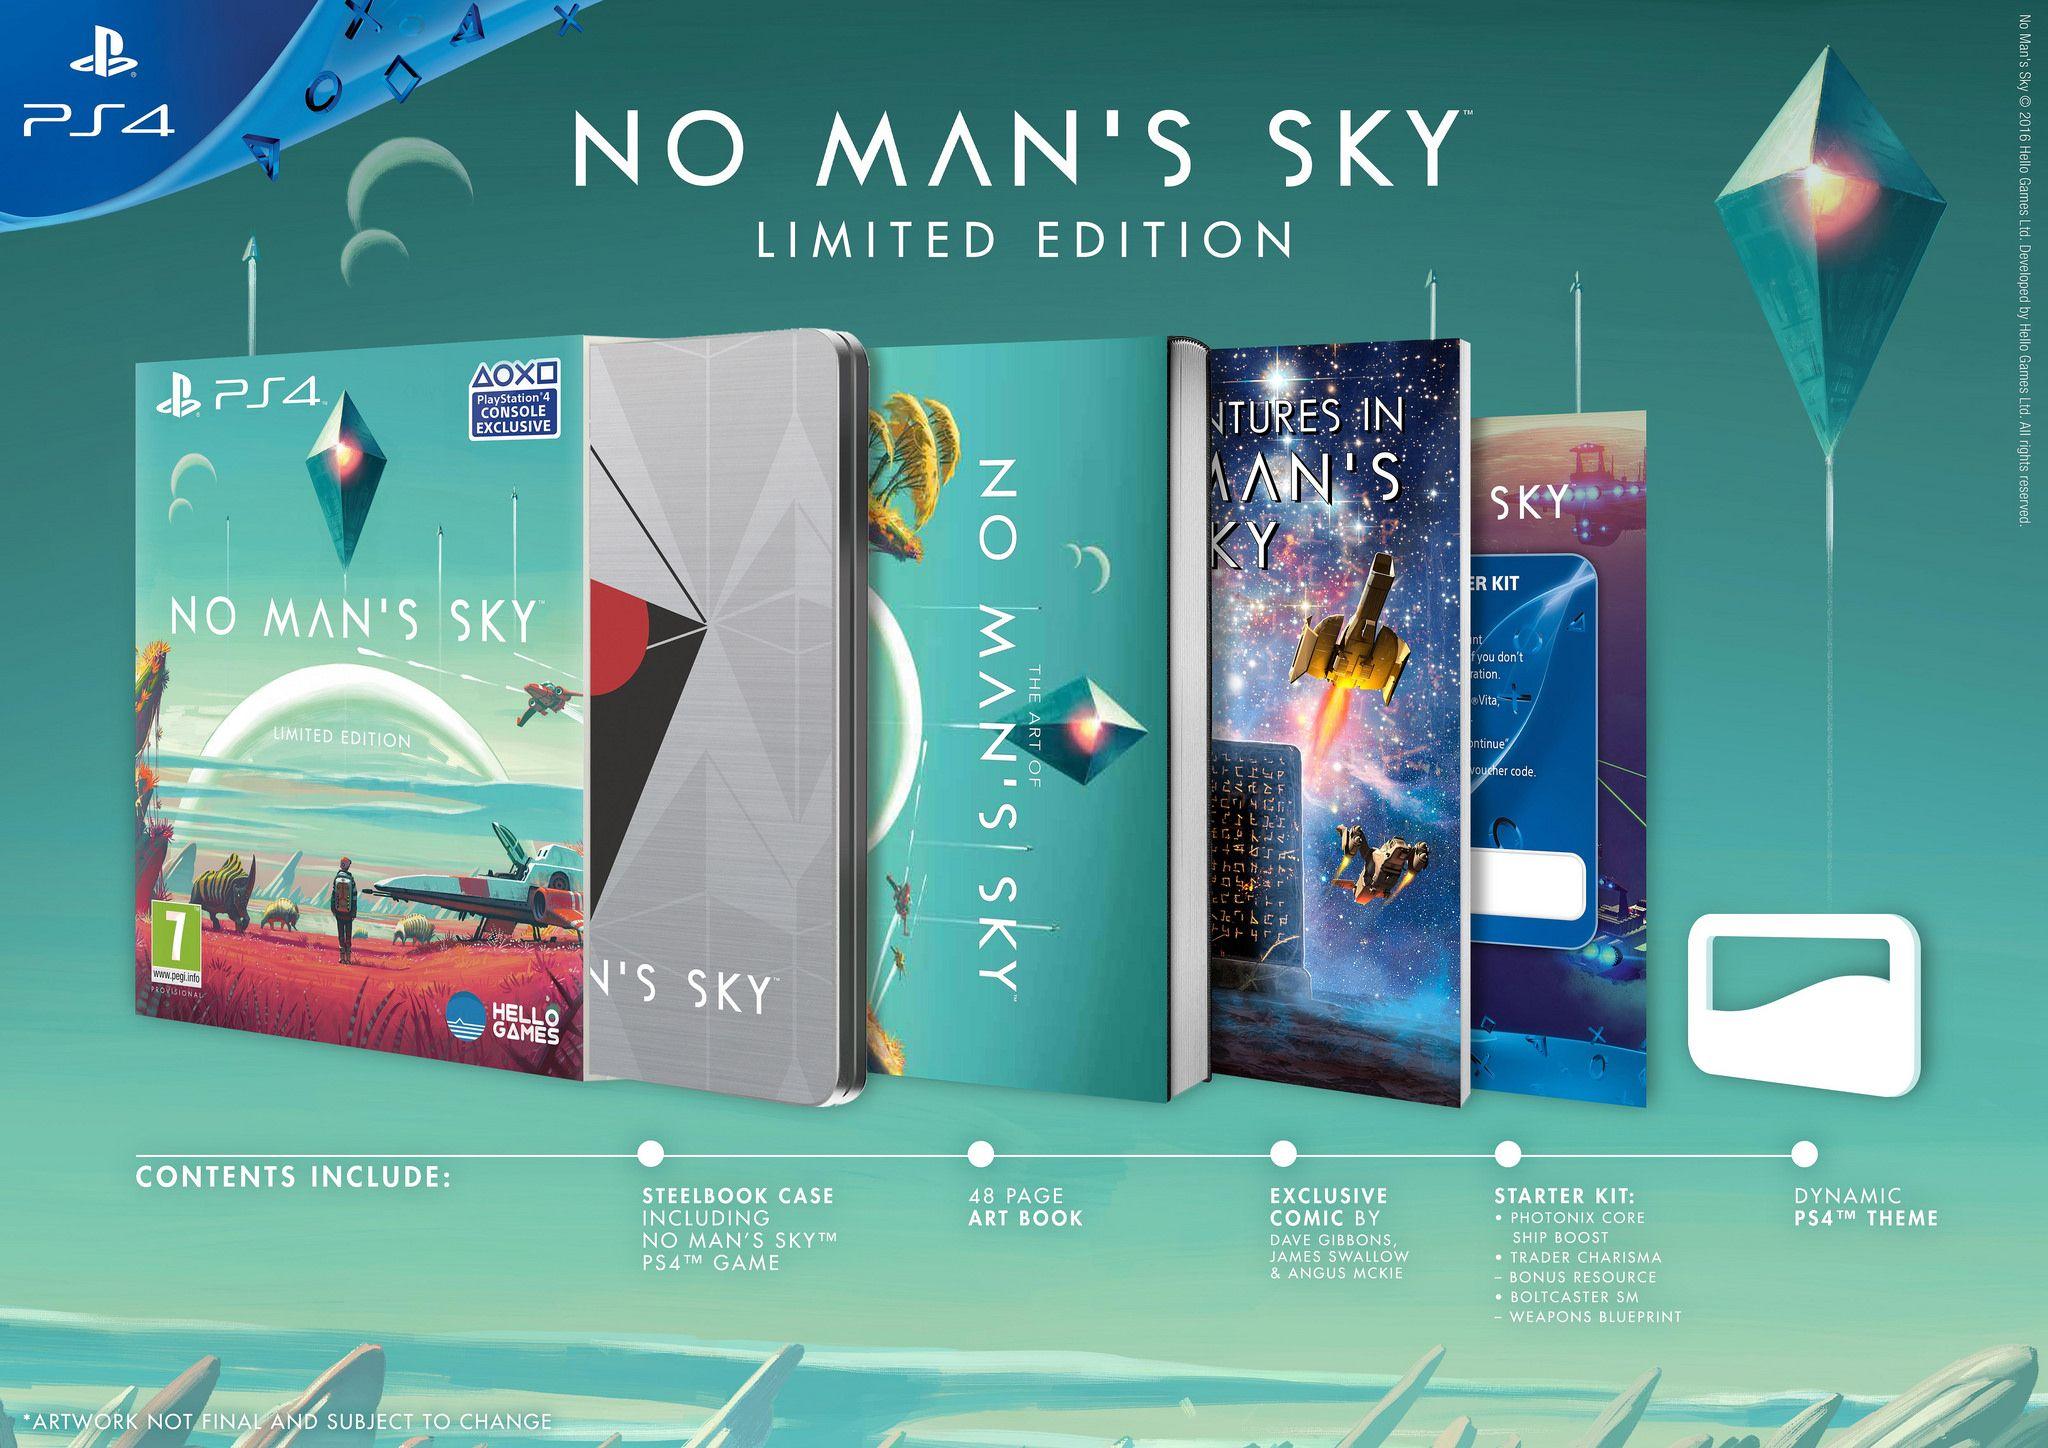 Sean Murray anuncia humildemente el retraso del lanzamiento del No Man's Sky, se lo perdonamos.